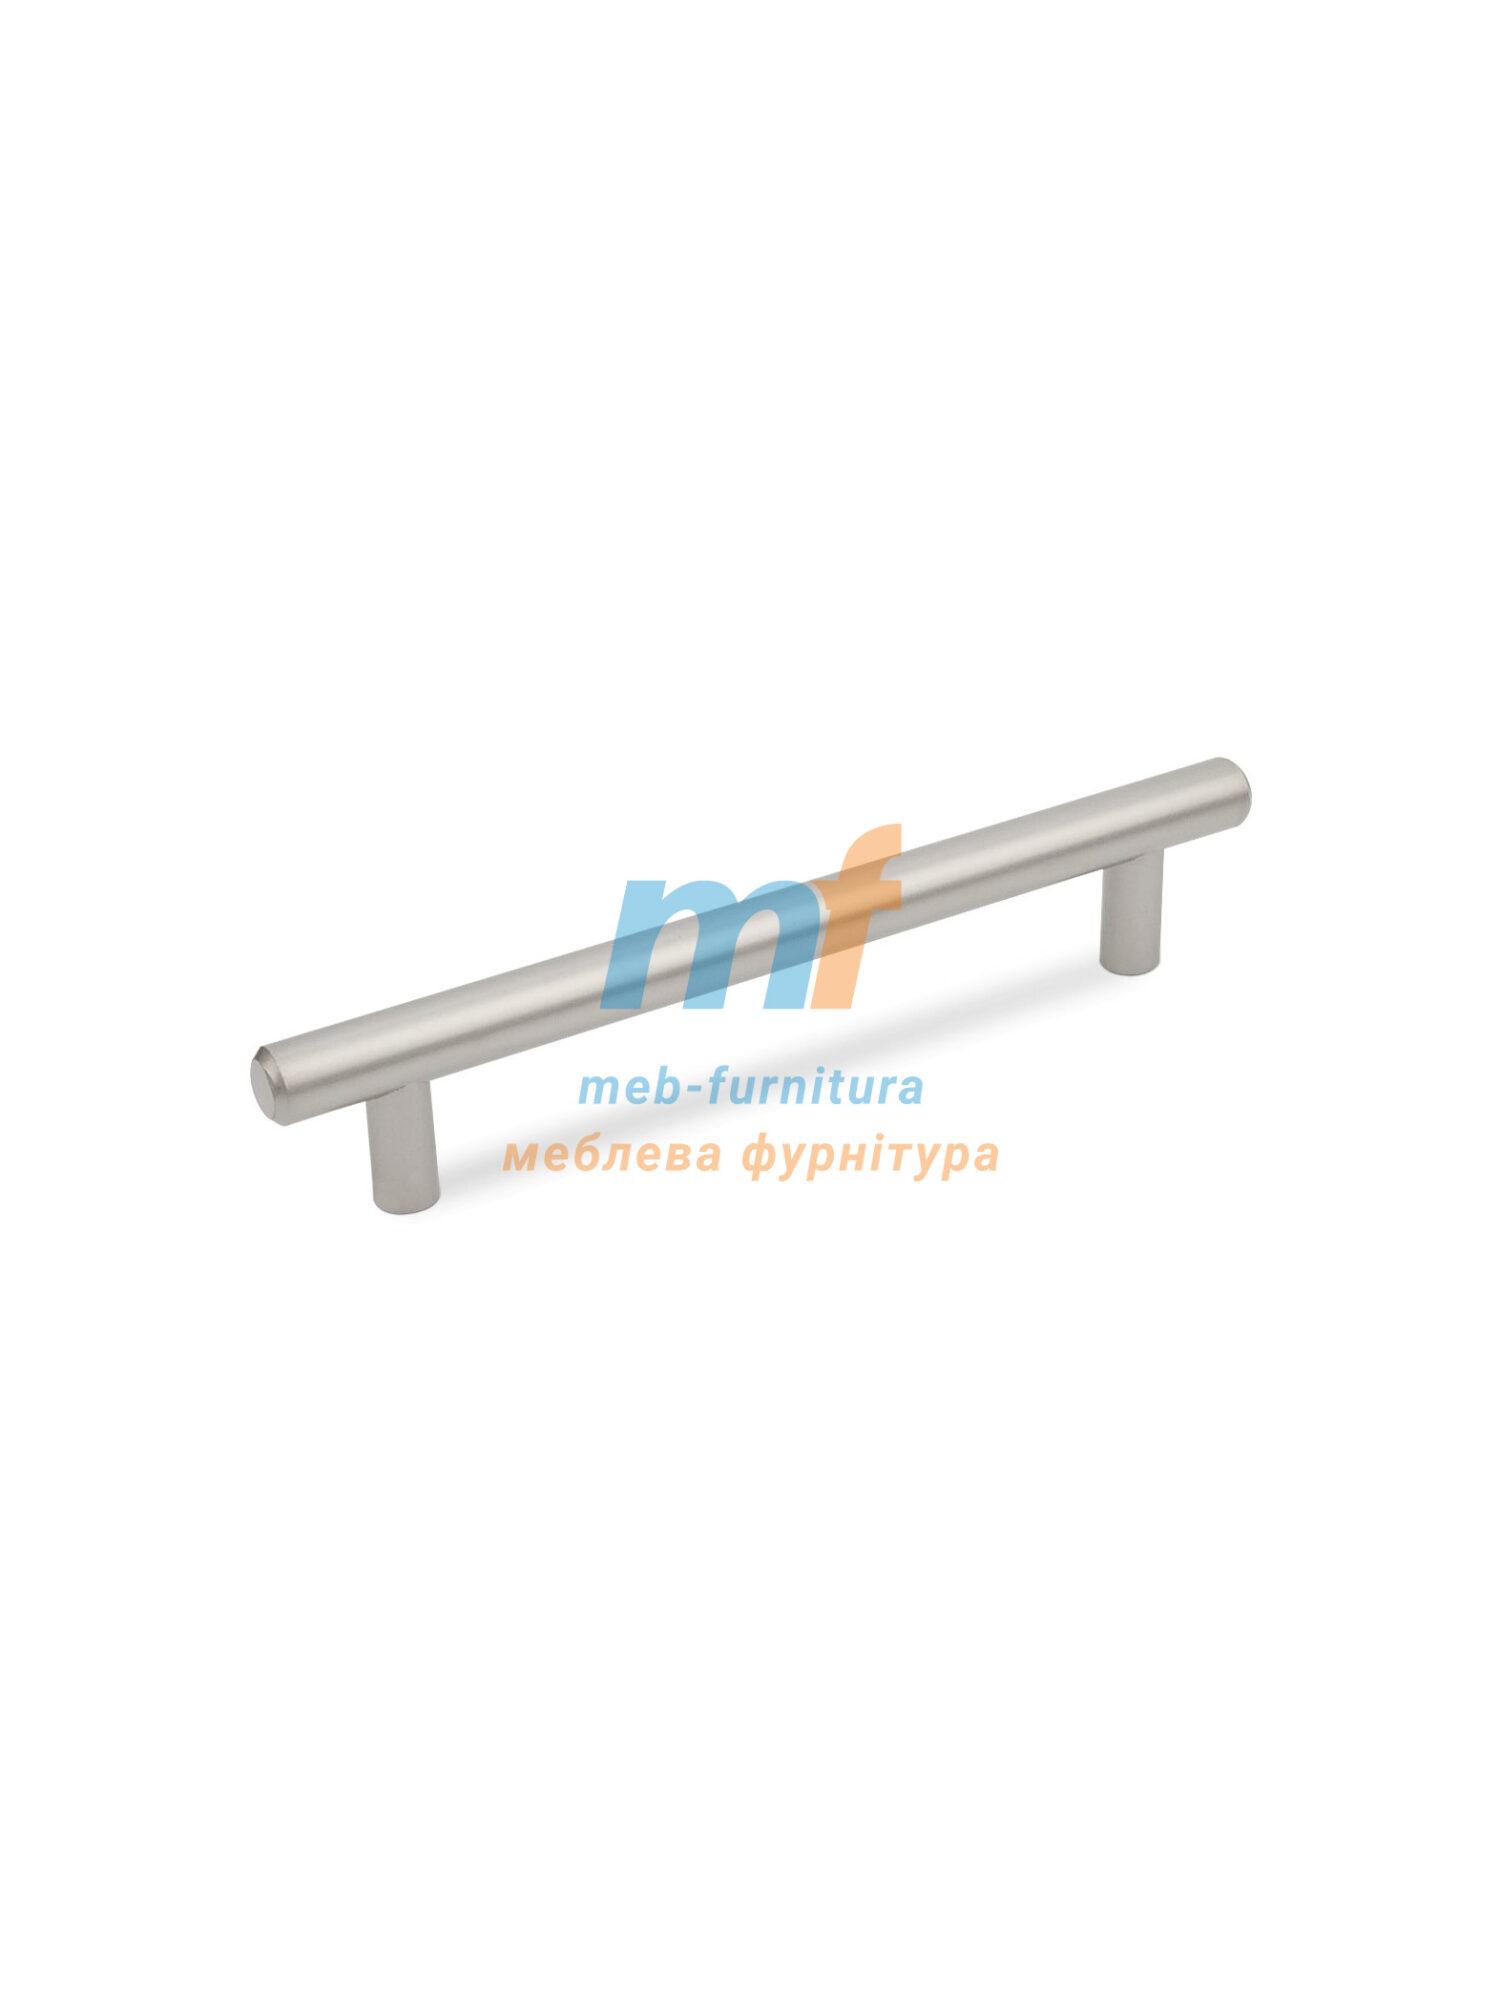 Ручка мебельная релинг 384мм - сатин